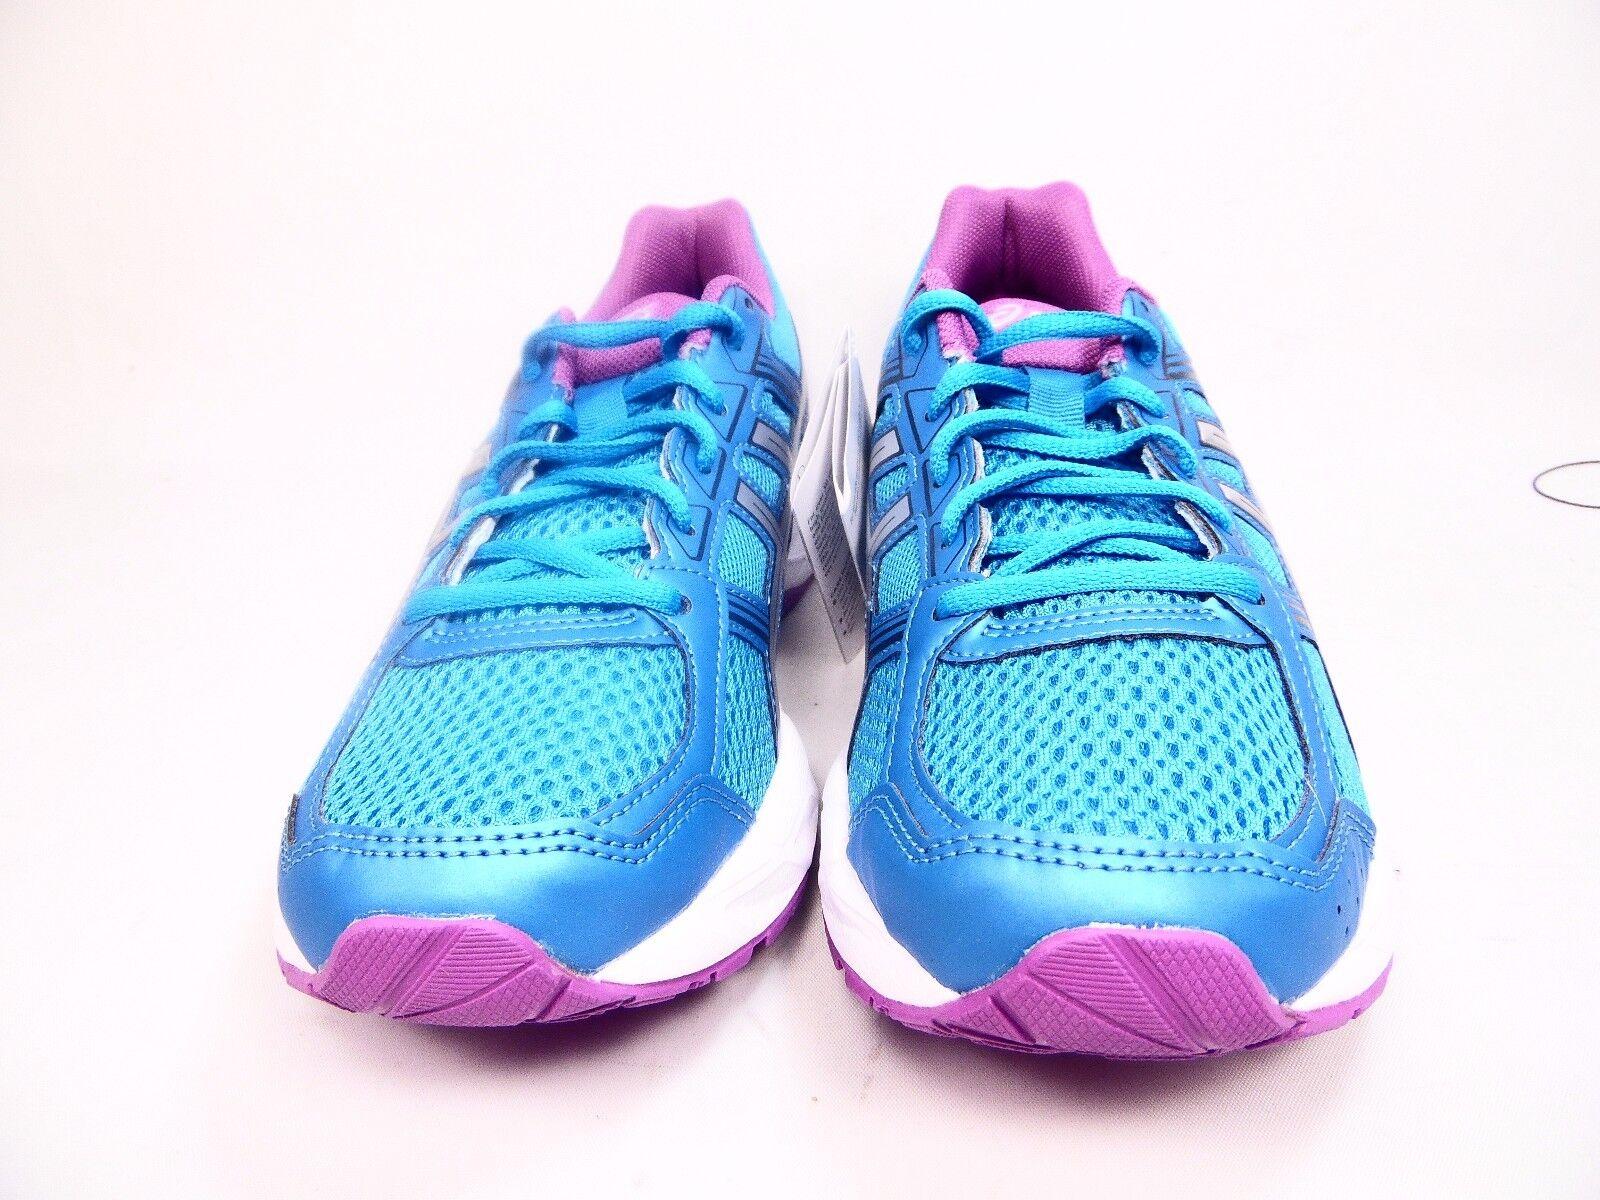 Asics de mujer mujer mujer Gel-Contend 4 Running zapatos Diva Azul Plata Orquídea tamaño 8 M  Precio por piso